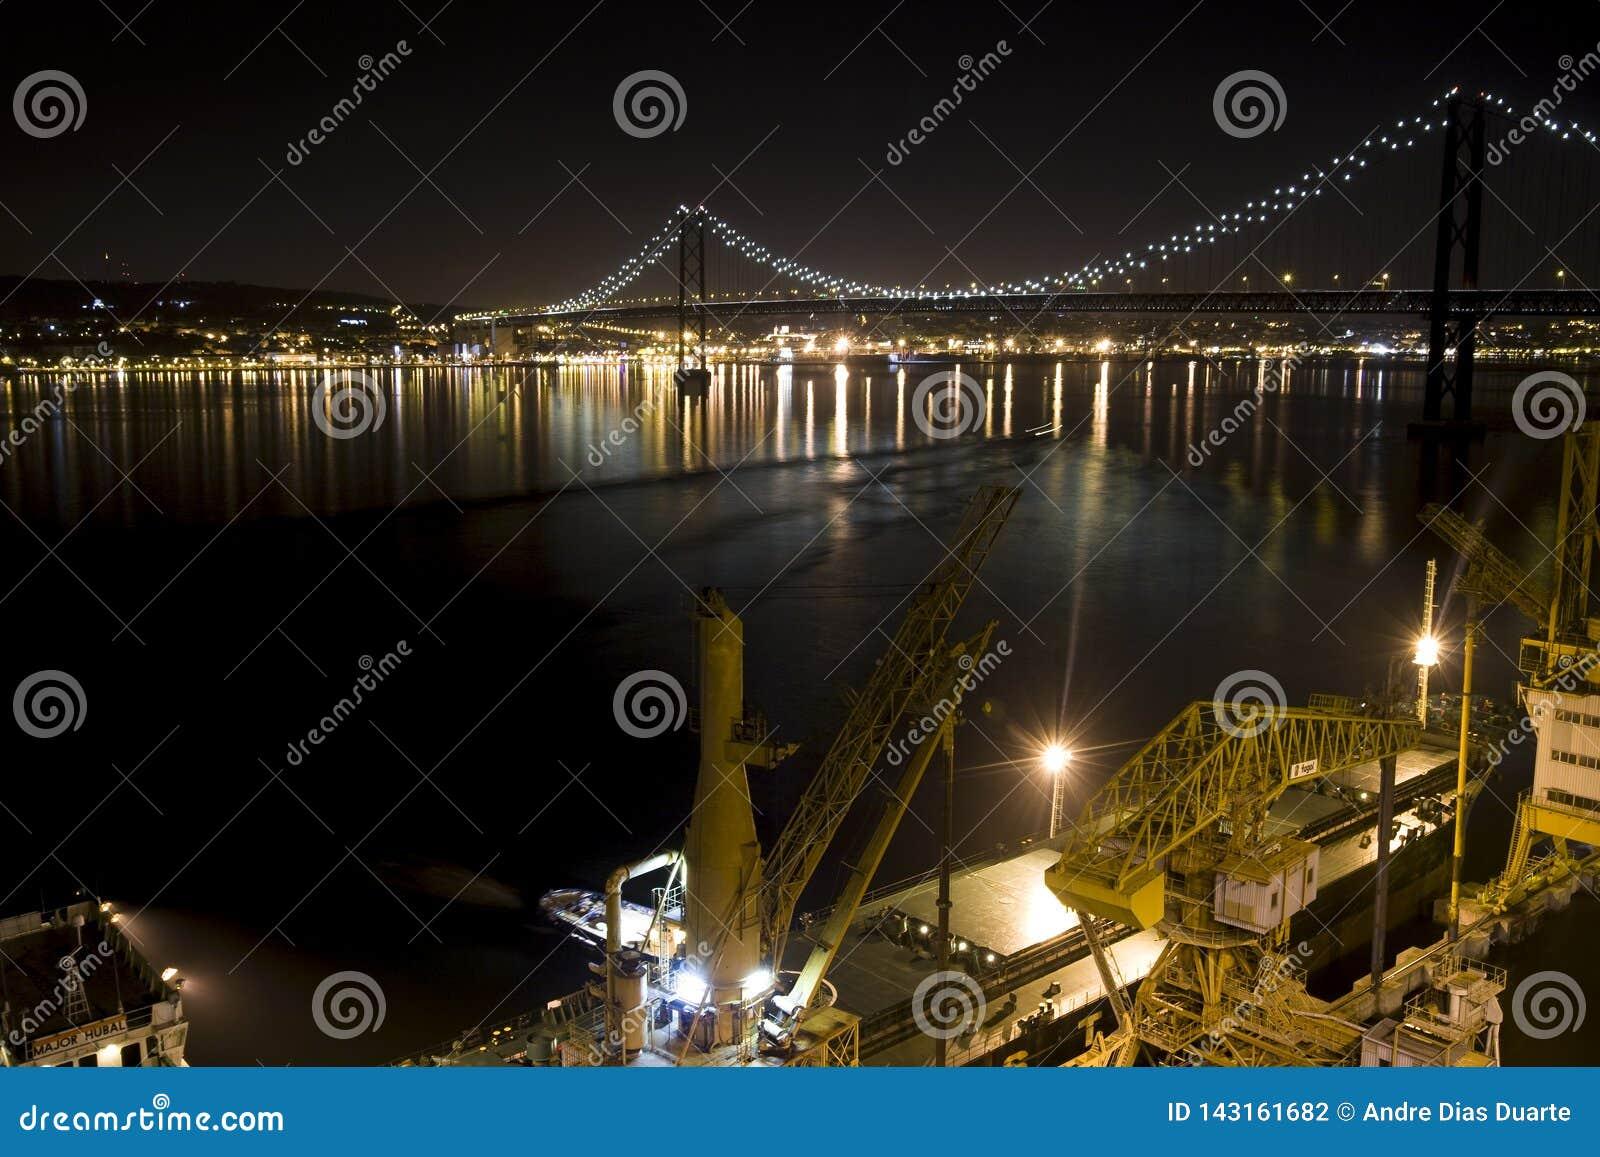 Nachtbild einer Brücke mit Lichtern